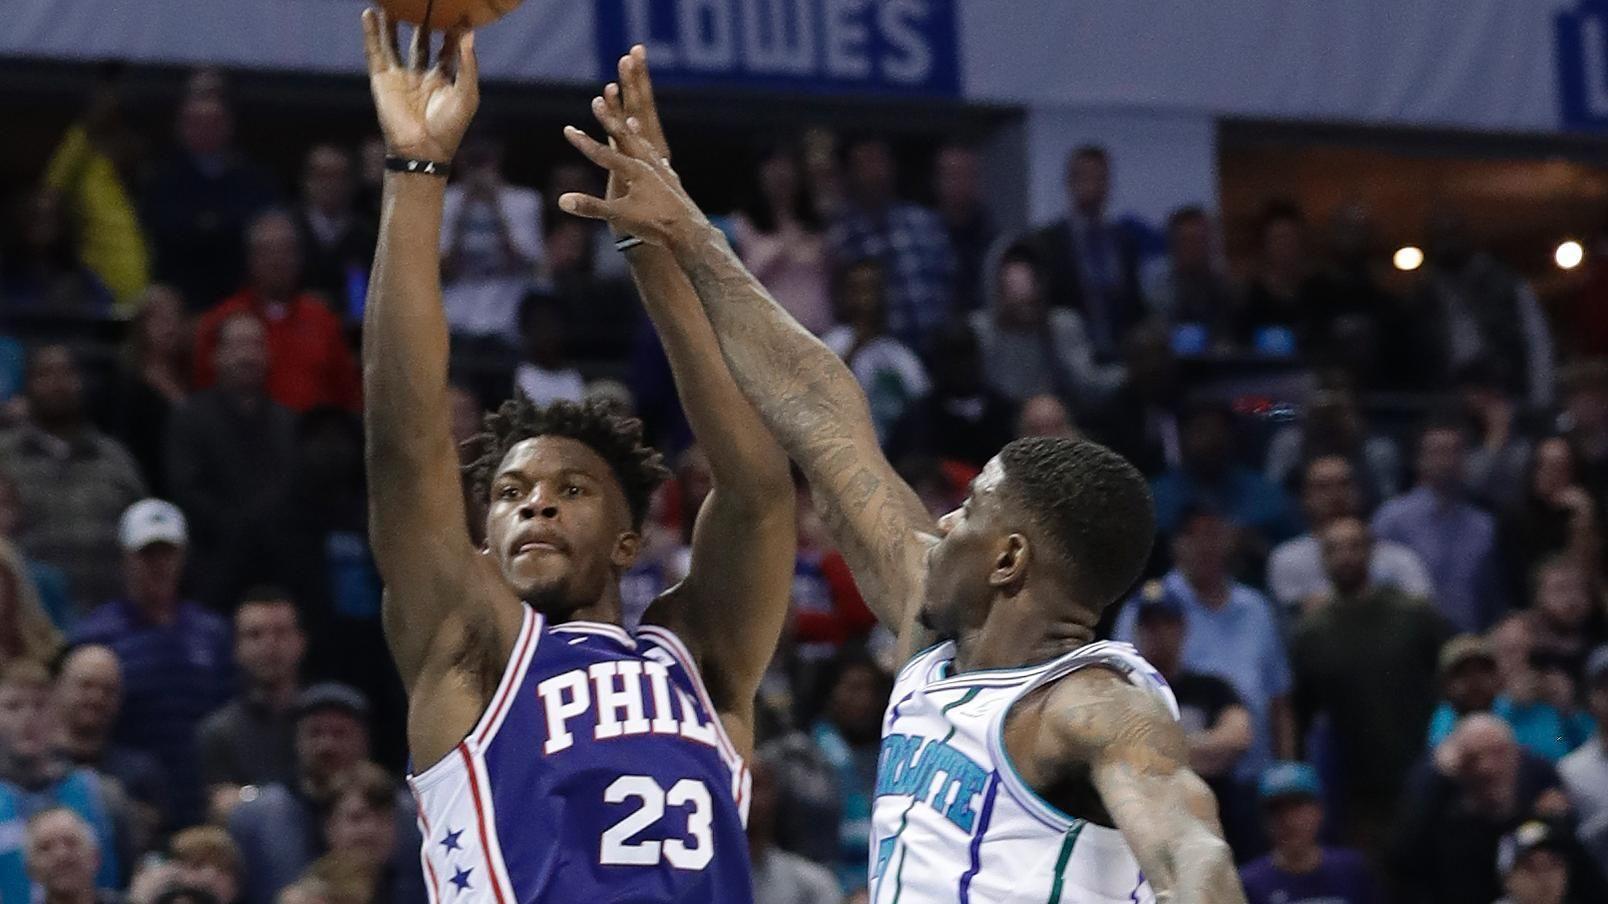 Butler blocks, drains game winner in OT